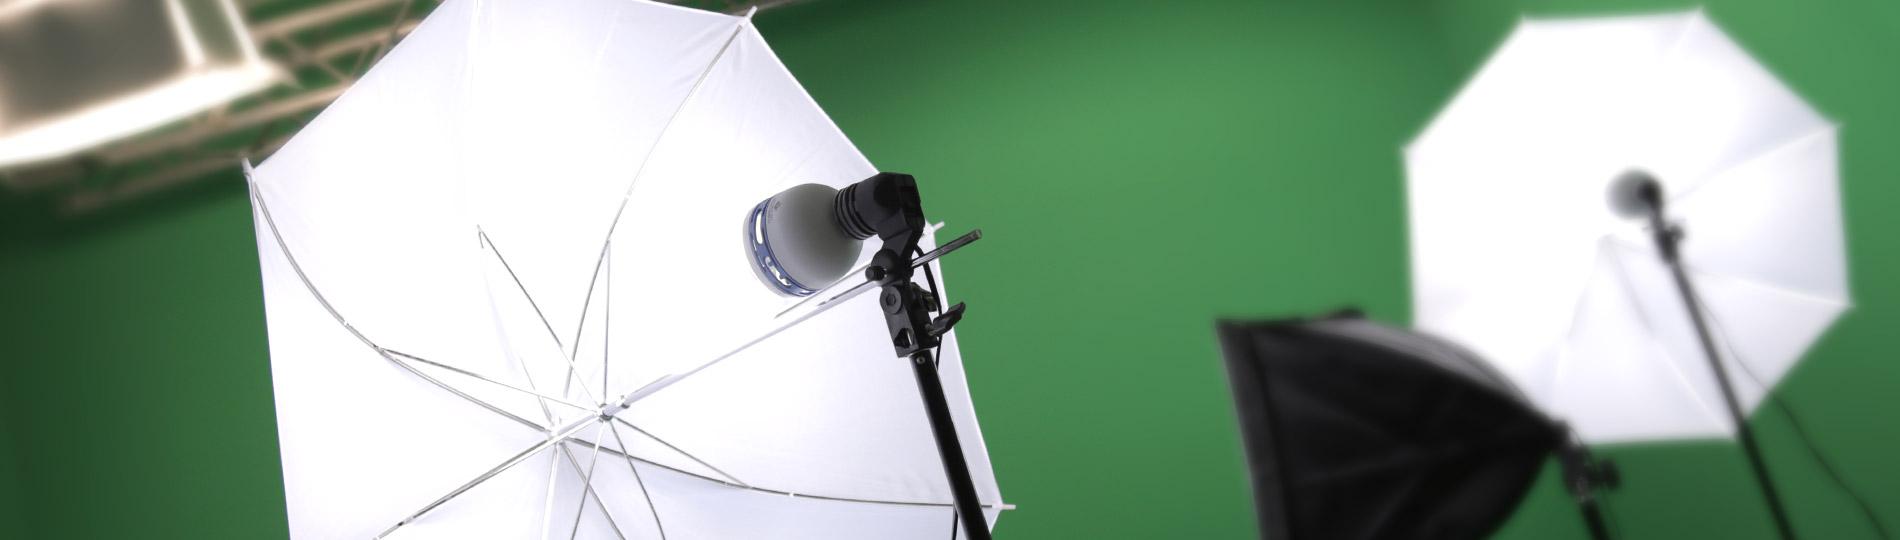 SottoZen---Header-Greenscreen-lights